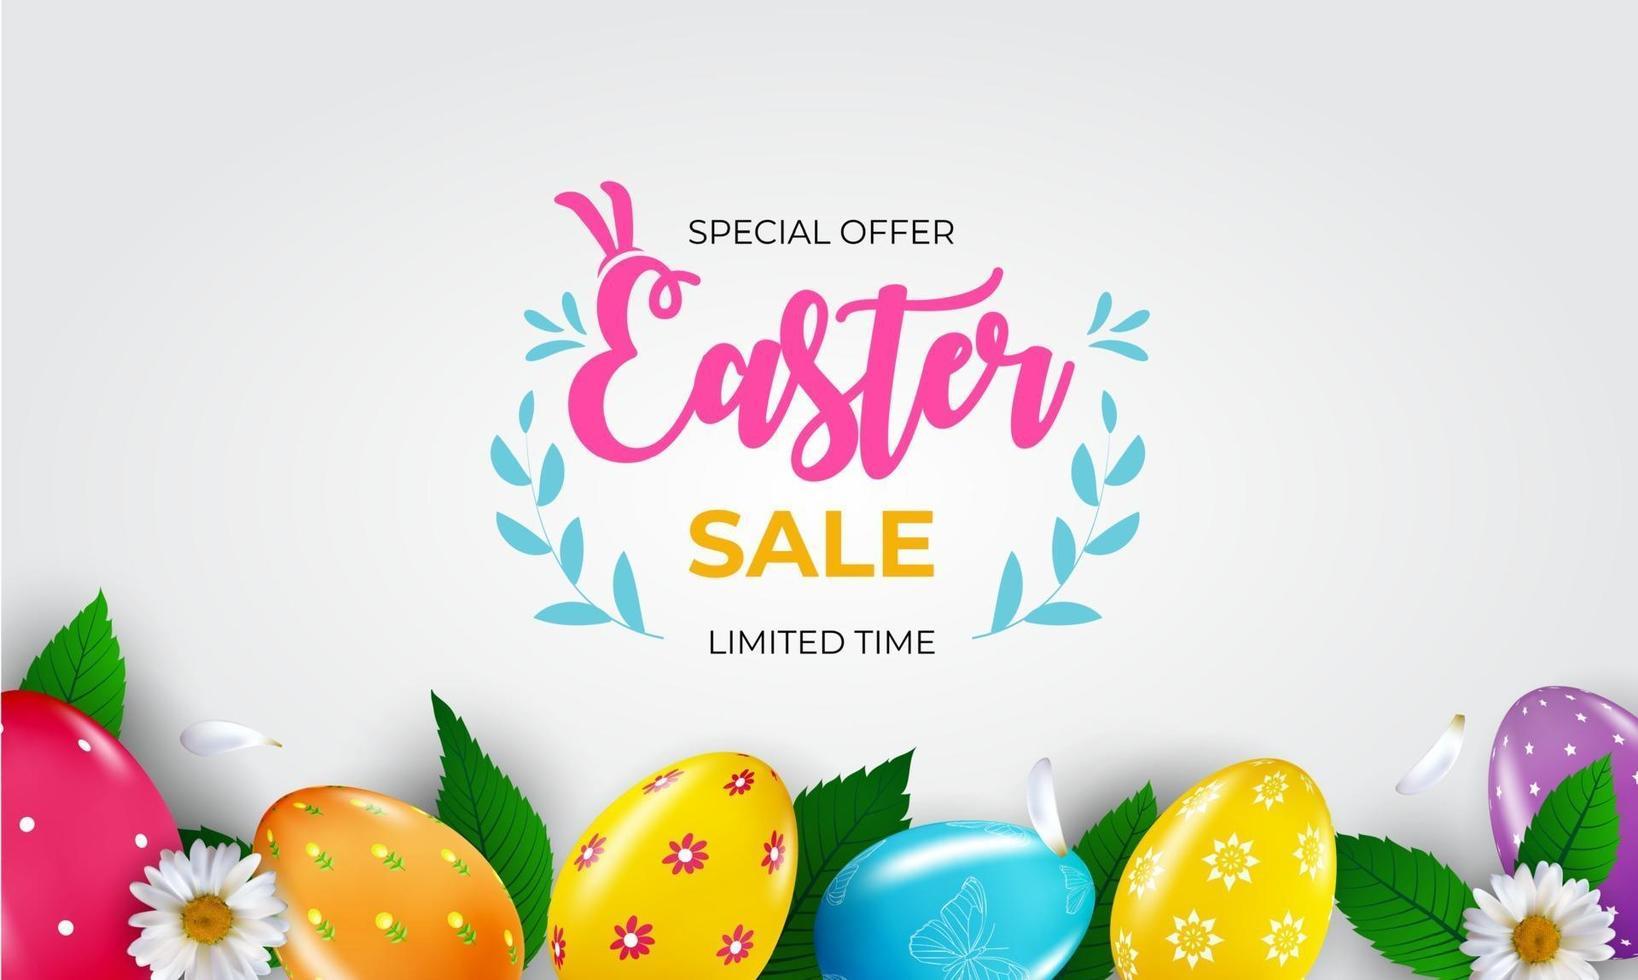 modèle d'affiche de vente de Pâques avec des oeufs de Pâques réalistes 3d et de la peinture. modèle pour la publicité, affiche, flyer, carte de voeux. illustration vectorielle vecteur